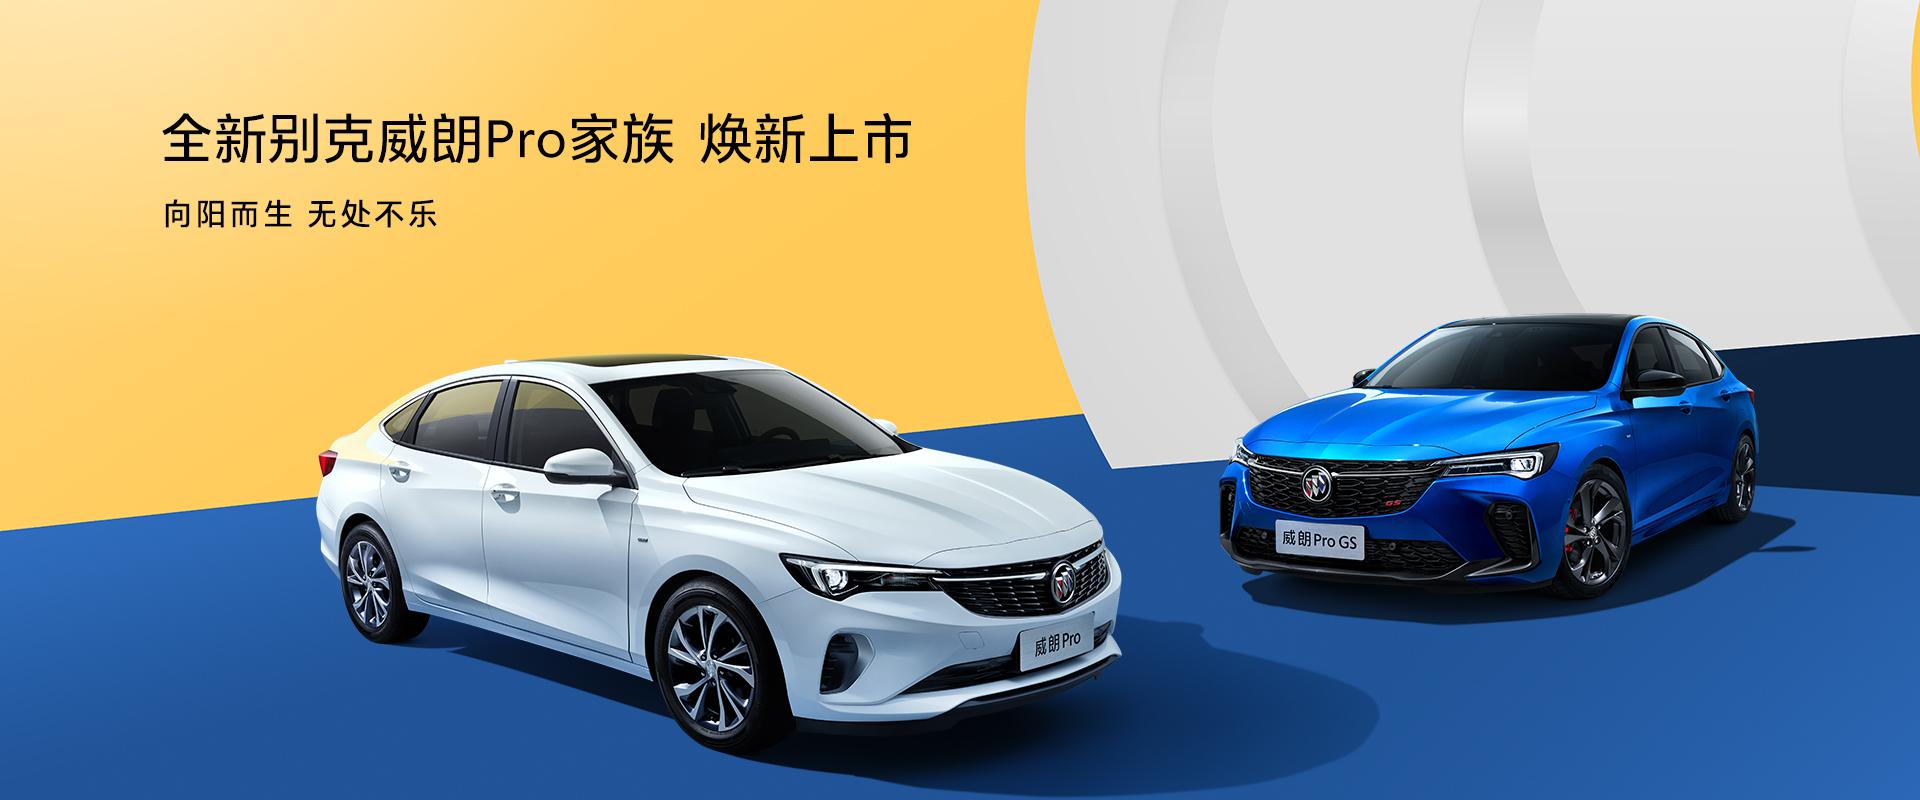 中国人保携手临安米家汽车购车嘉年华-第1张图片-汽车笔记网